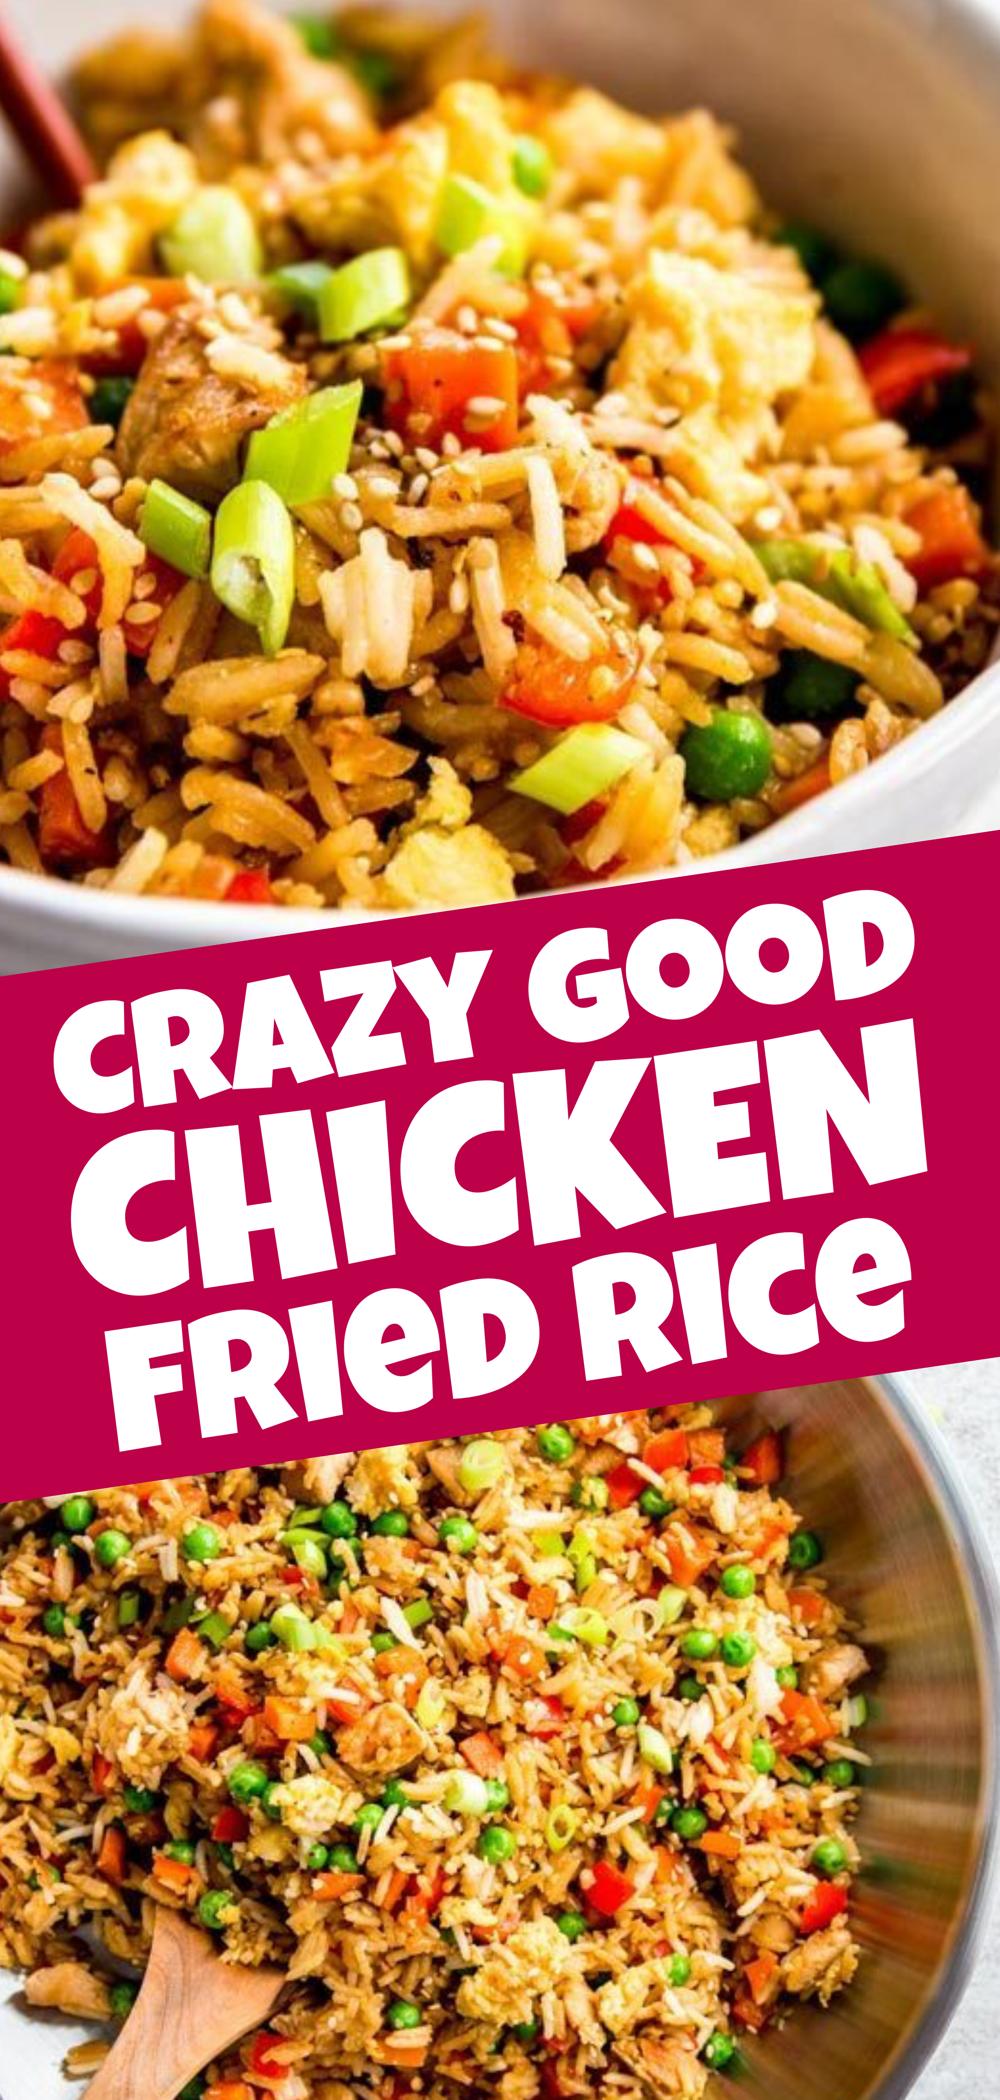 Crazy Good Chicken Fried Rice